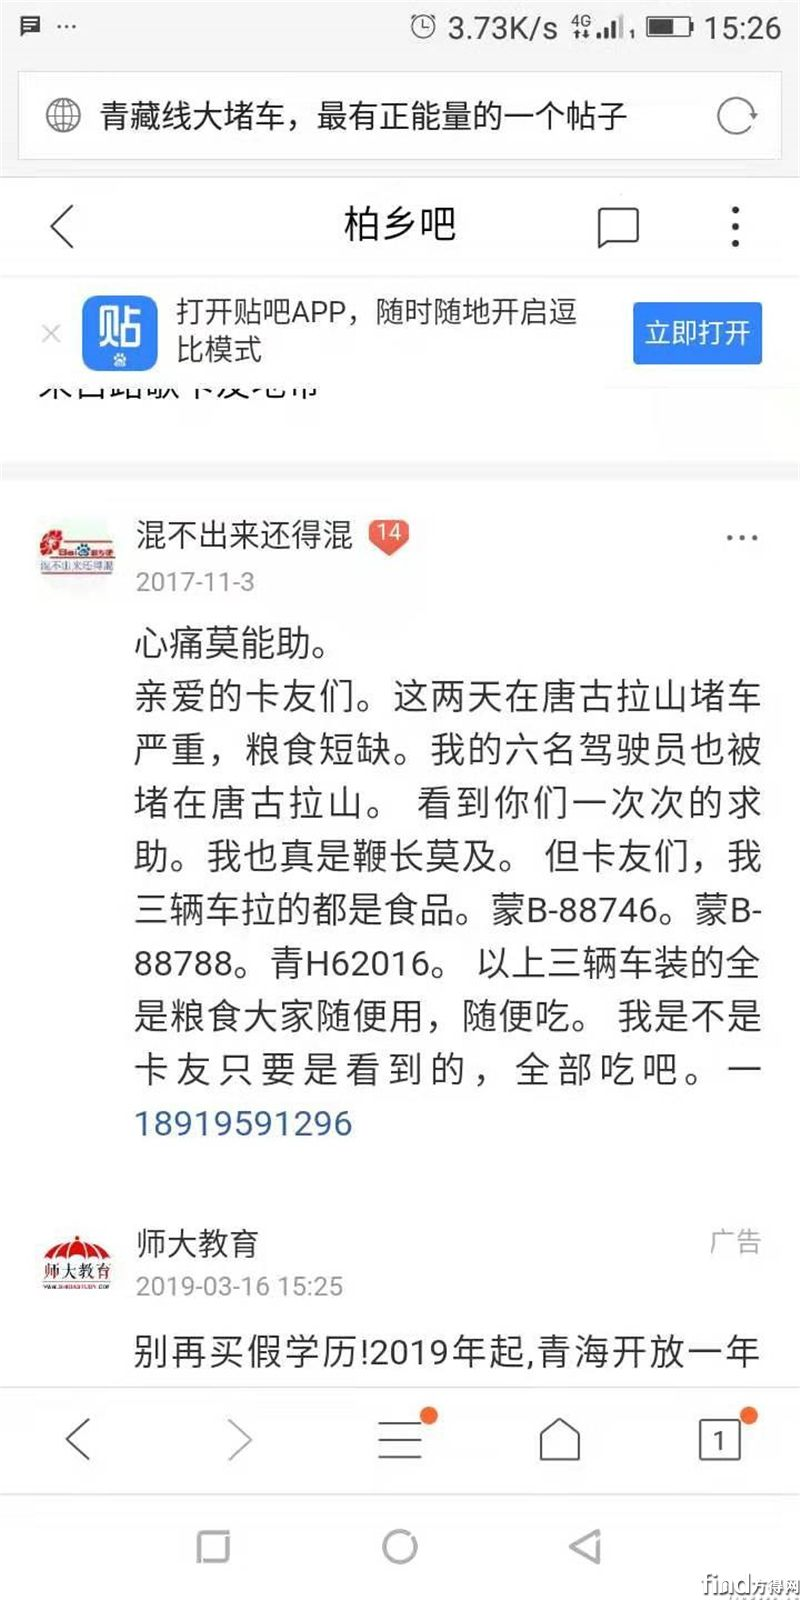 陈玉祥:唐古拉山大风雪封路 免费送粮食缓解卡友窘境3